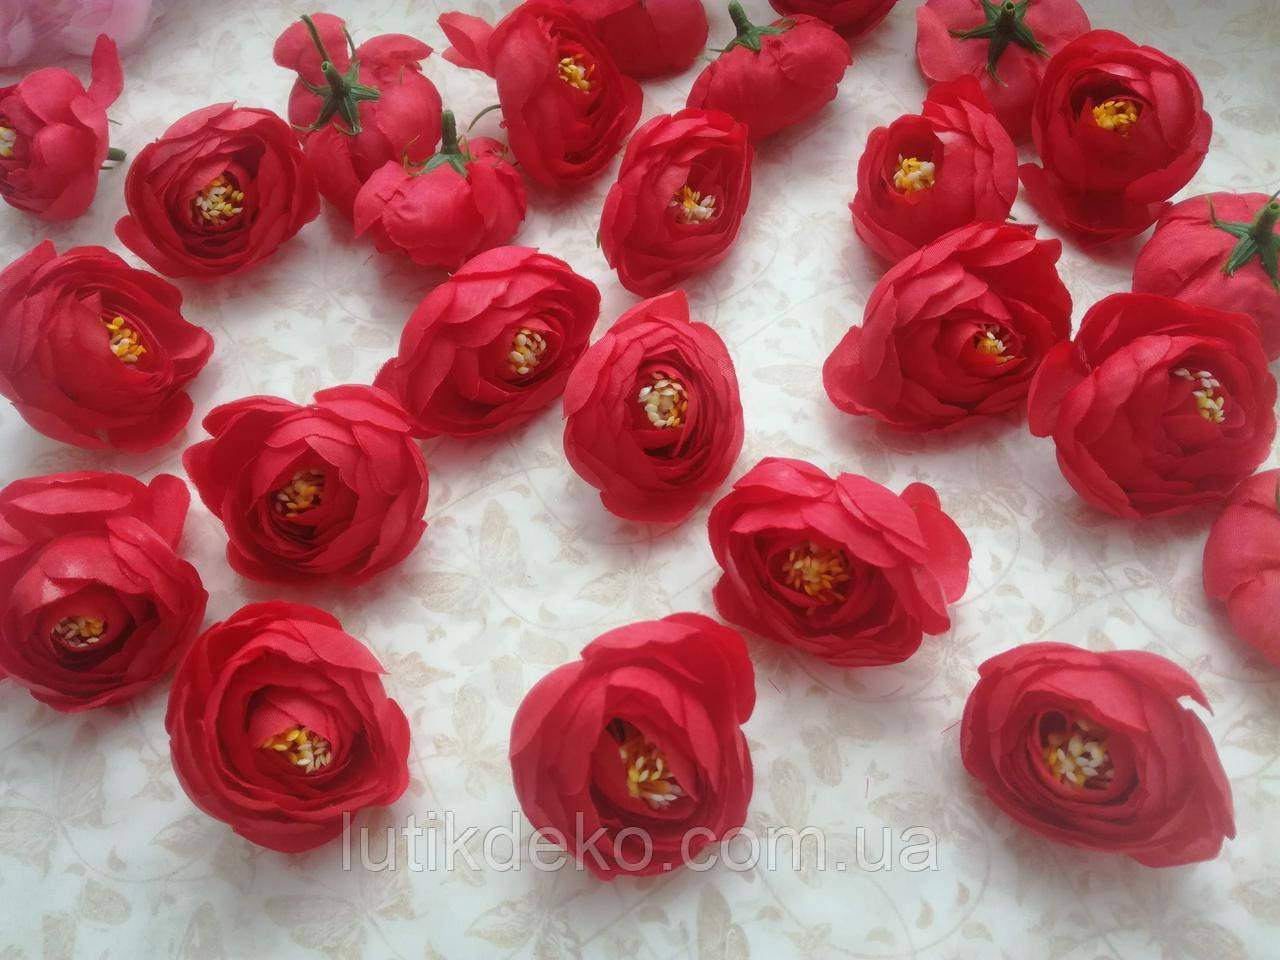 Штучні квіти. Головка ранункулюса 4 см. Червона